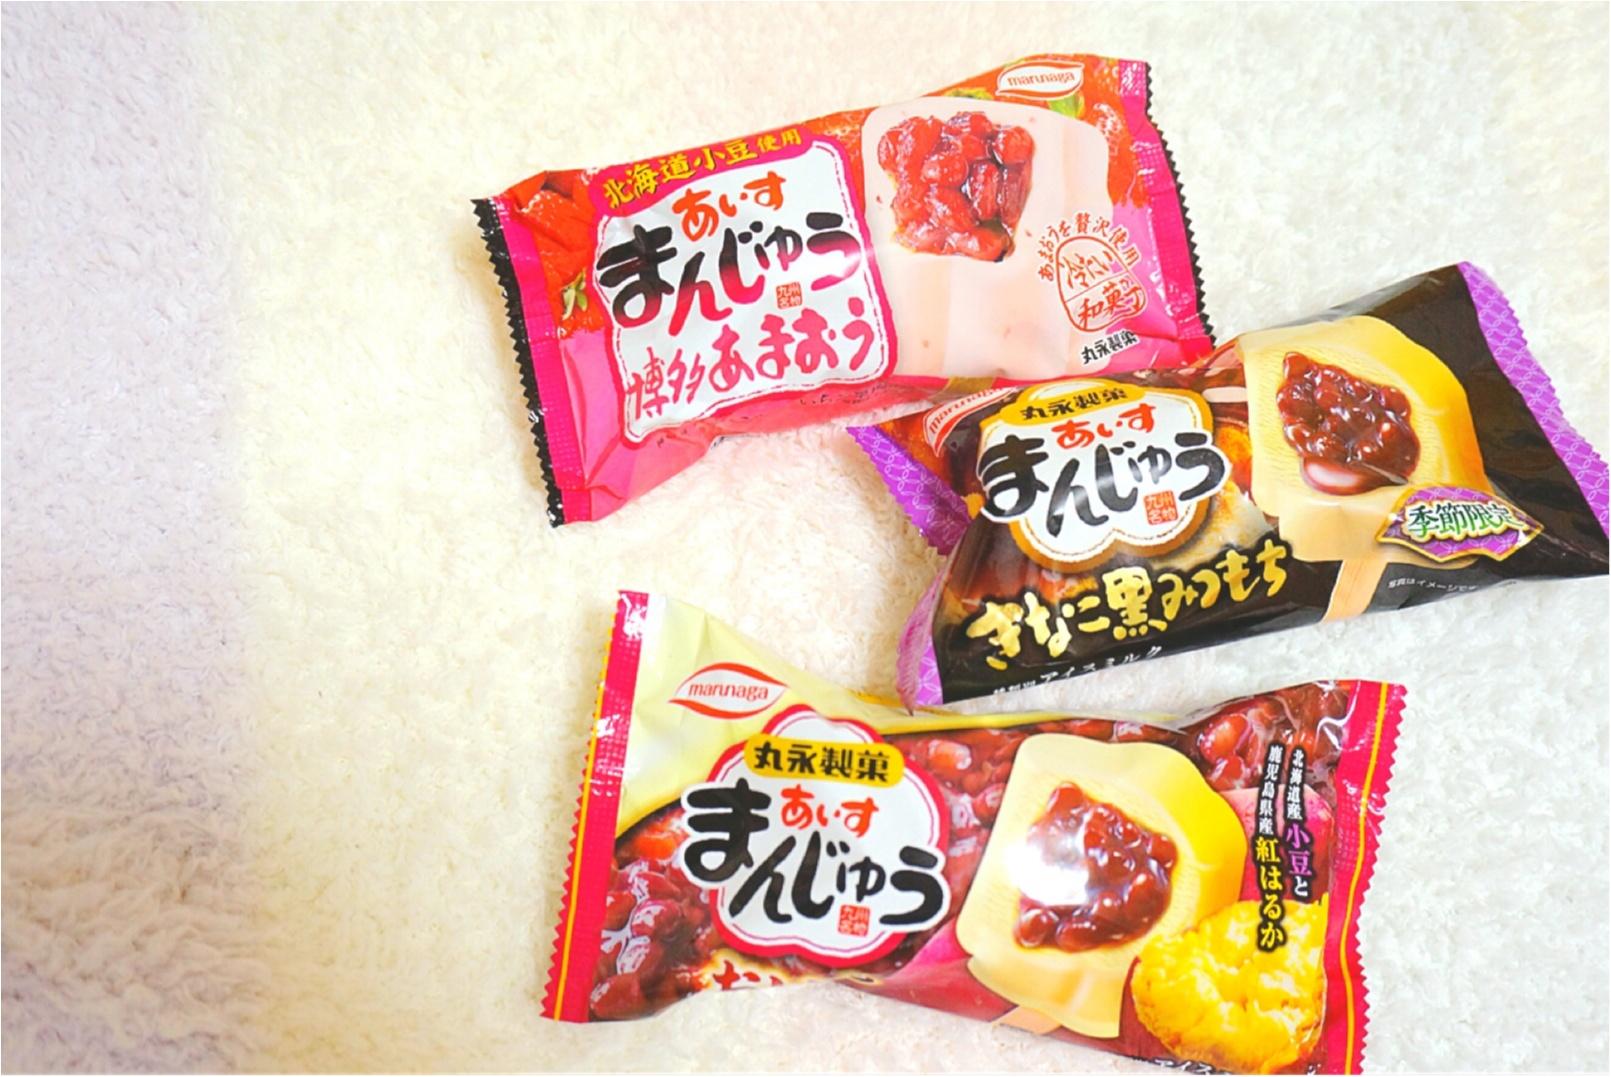 【真冬に食べたいアイス】あのロングセラー《和アイス》が進化した!絶品3選❤️_6